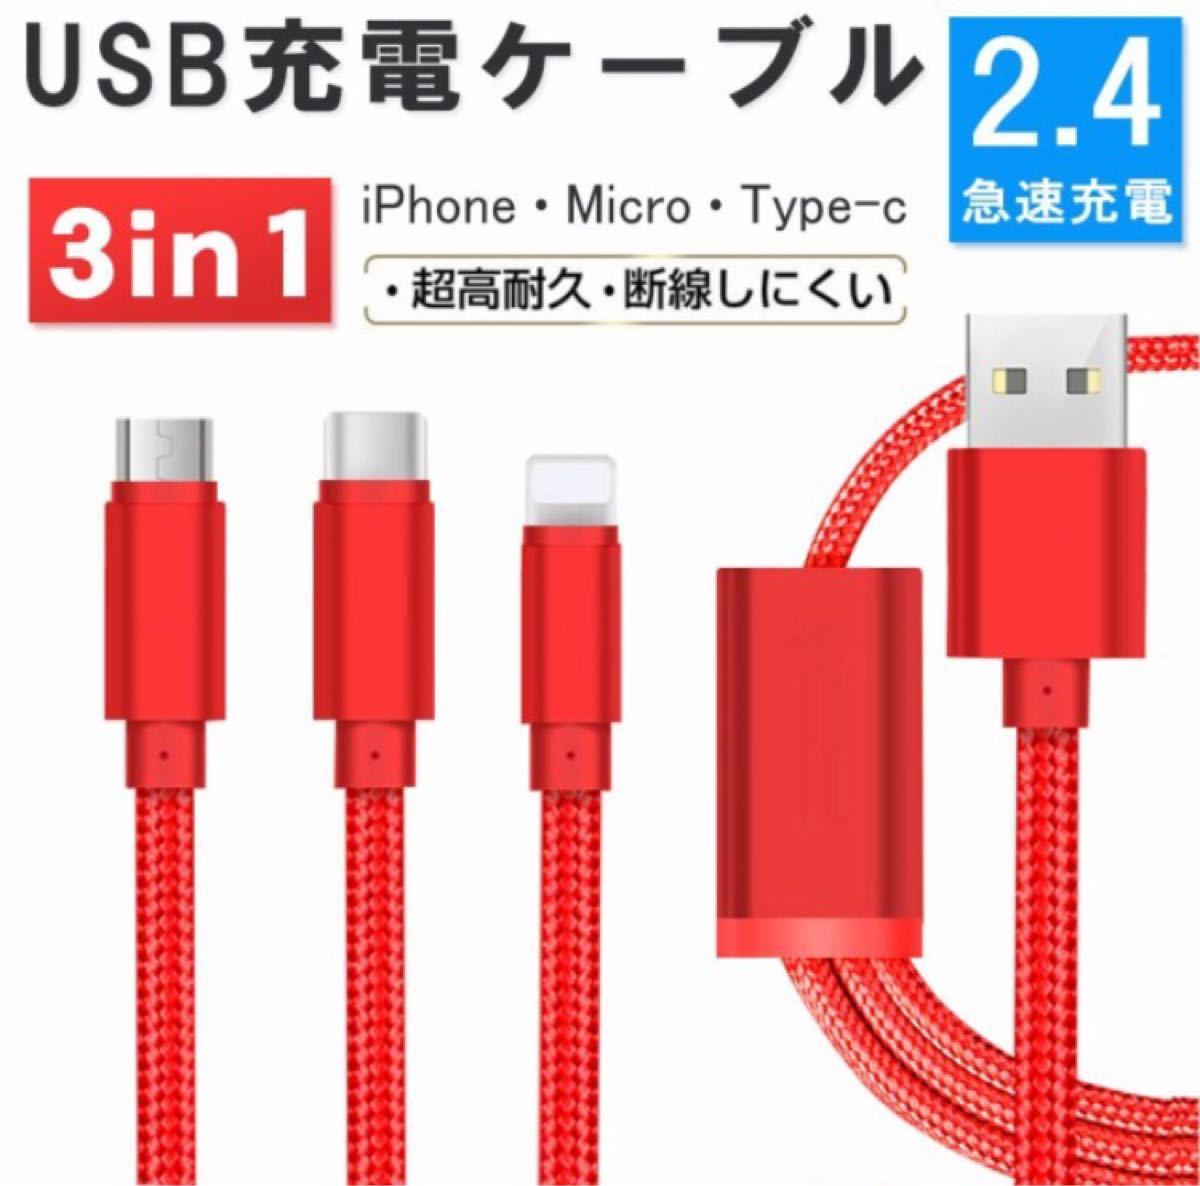 3in1充電ケーブル iPhone Micro Type-C モバイルバッテリー 断線防止 高耐久 3台同時充電 新品 未使用